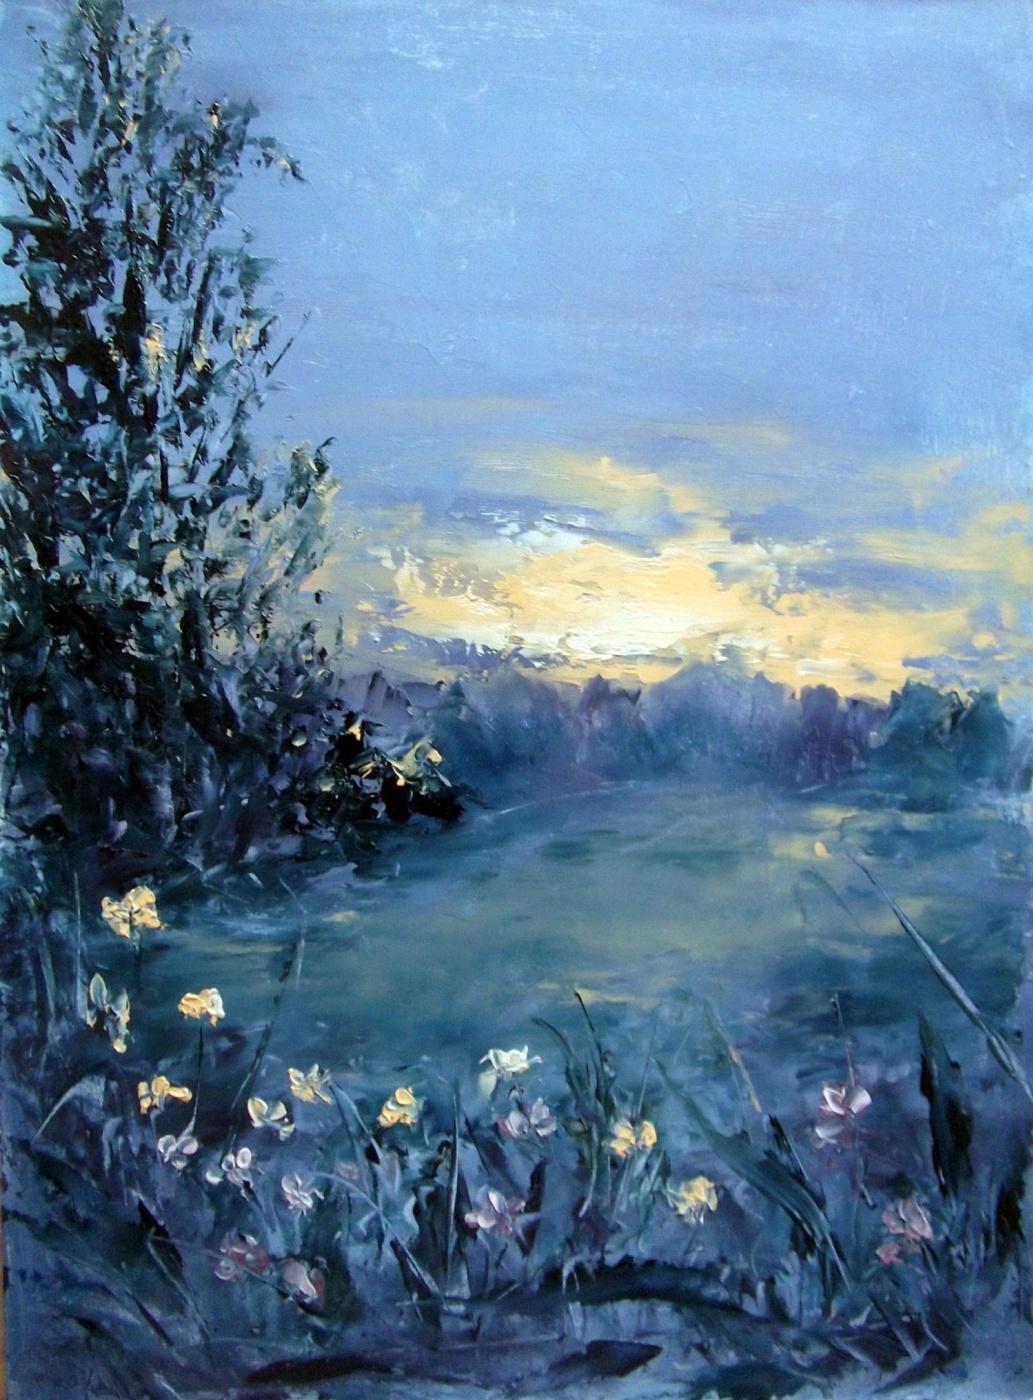 Elena Viktorovna Yudina. The warmth of the sun